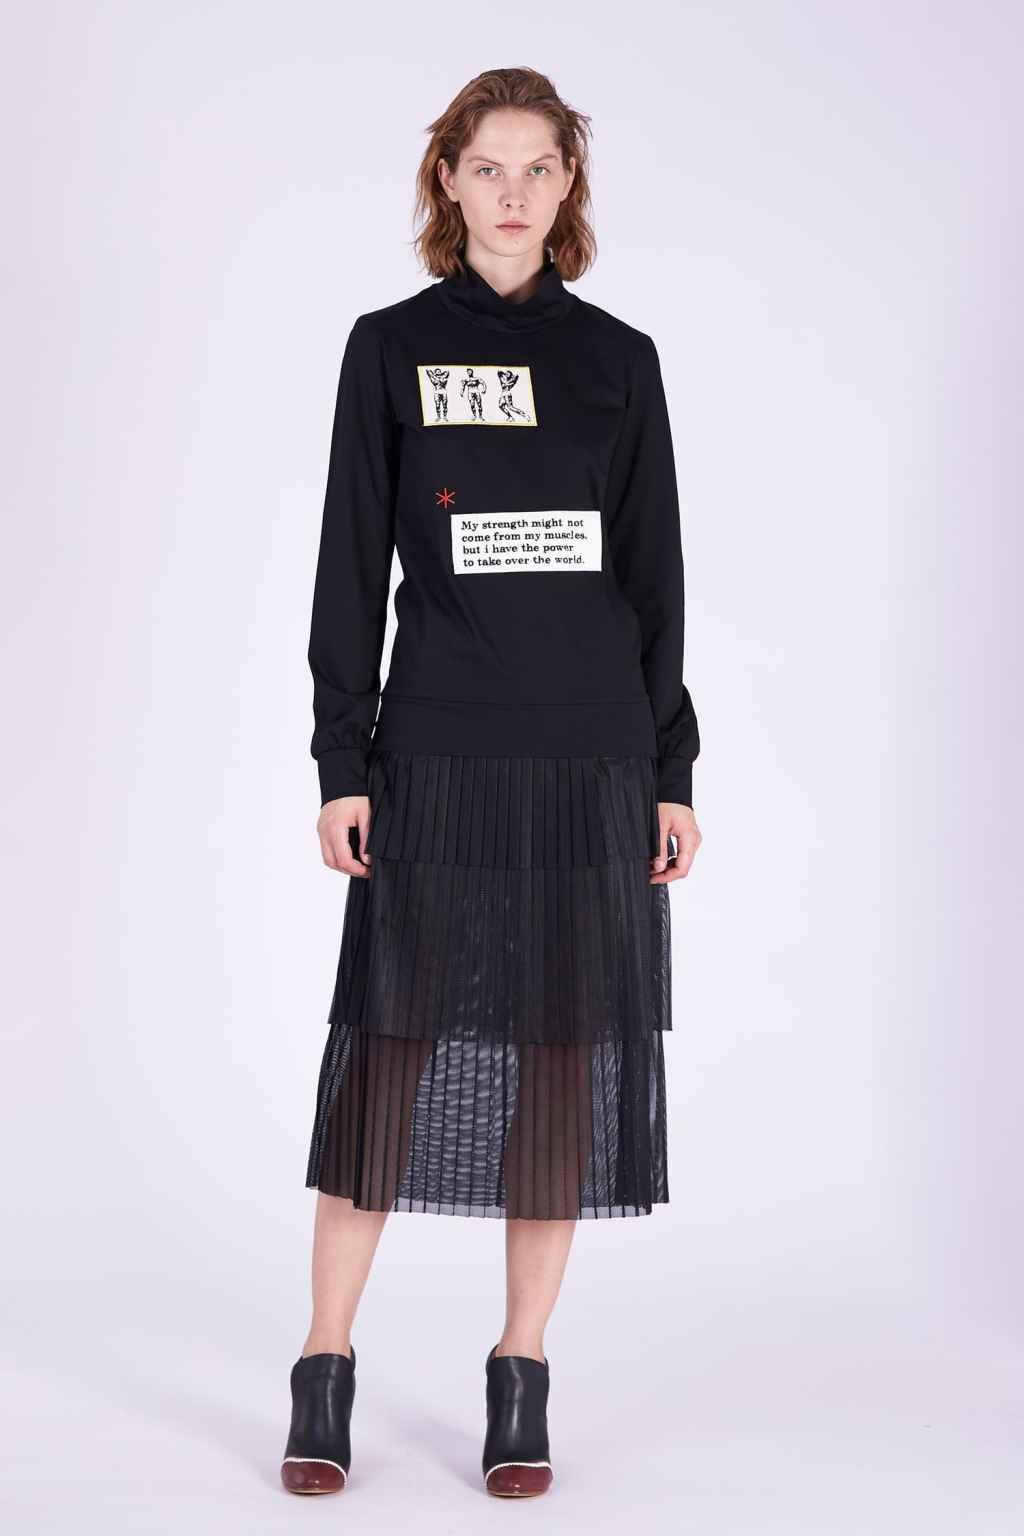 Acephala AW2018-19 Black Cotton Jersey Patch Dress // Czarna Bawełniana Sukienka z Naszywki